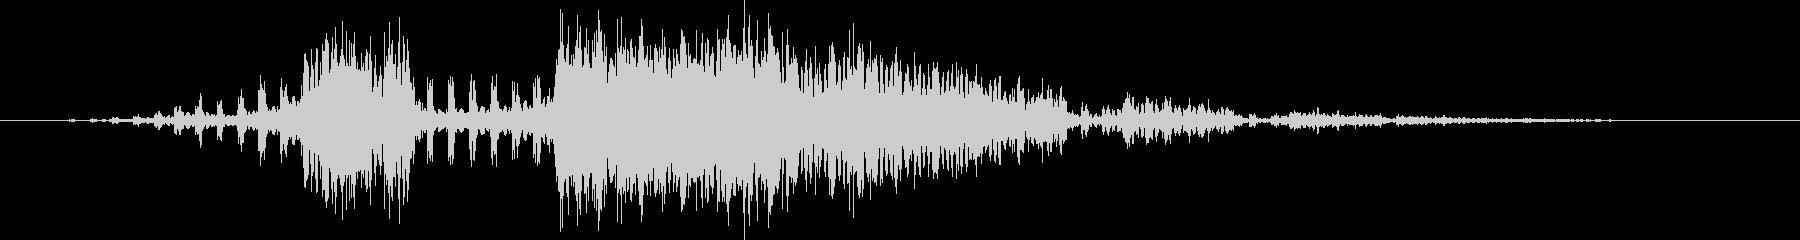 ビィリリ・・・(スパーク音)の未再生の波形